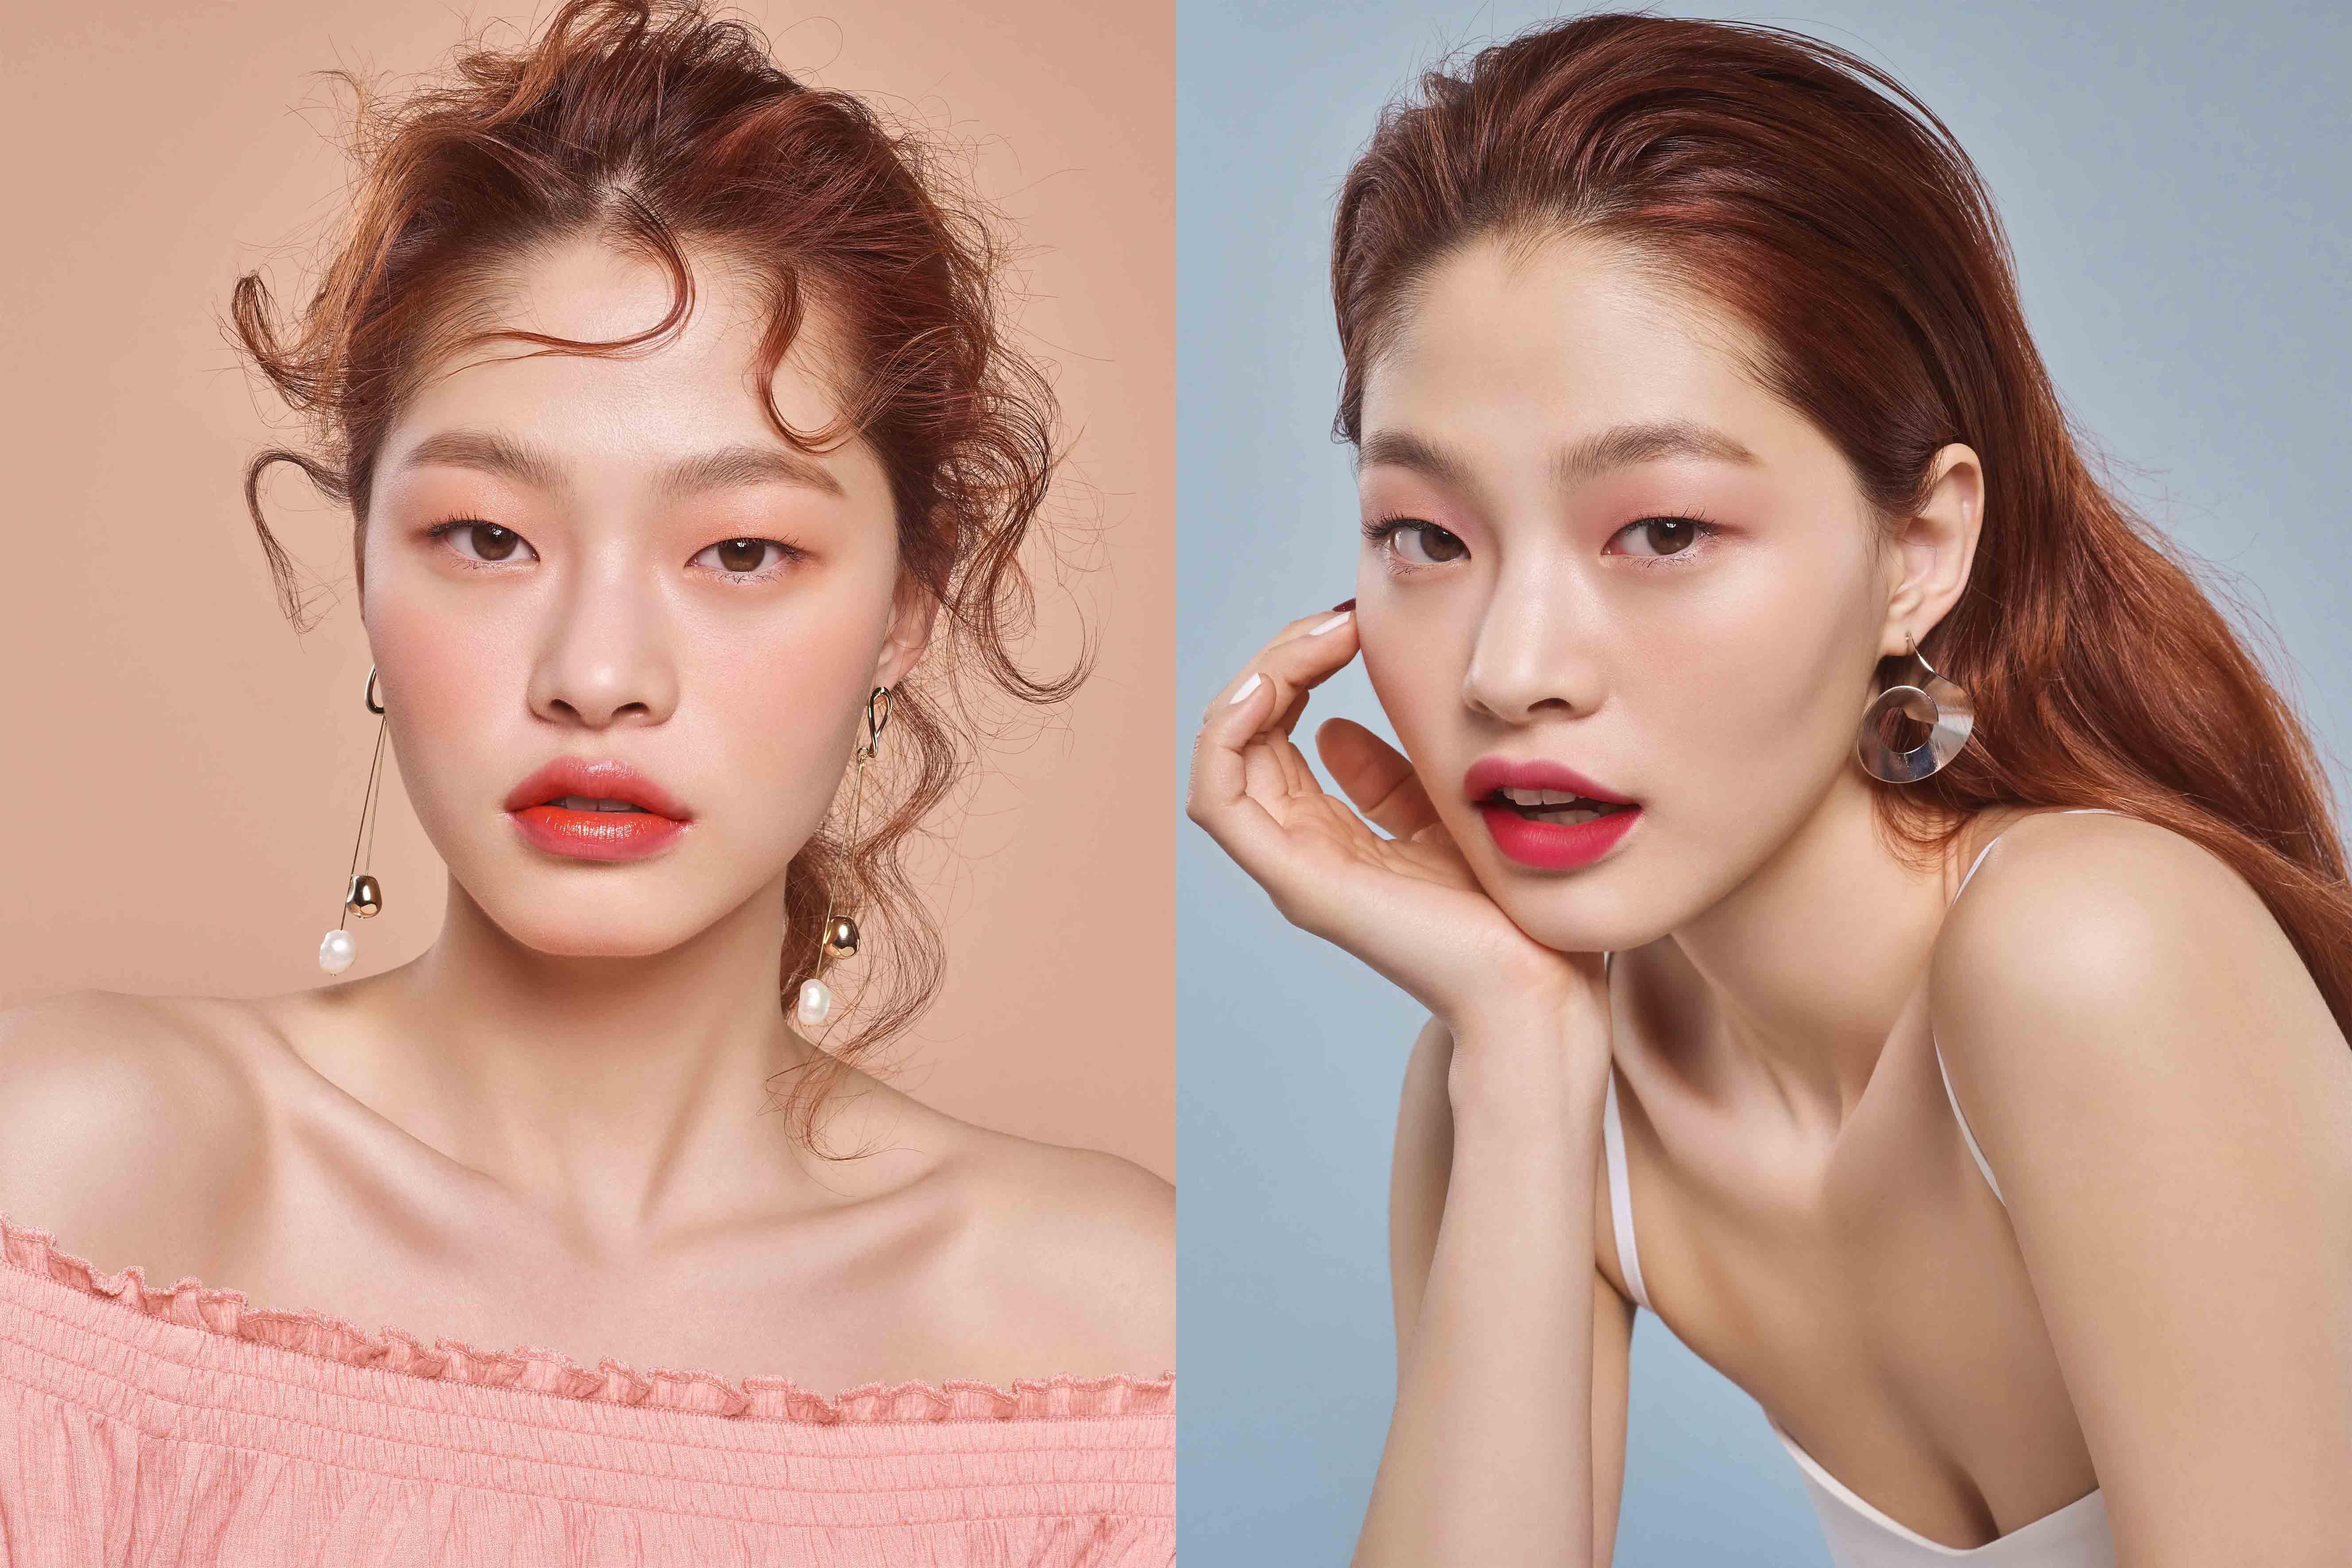 모델 김아현과 함께 사랑스러운 2018 S/S 메이크업 룩 공개